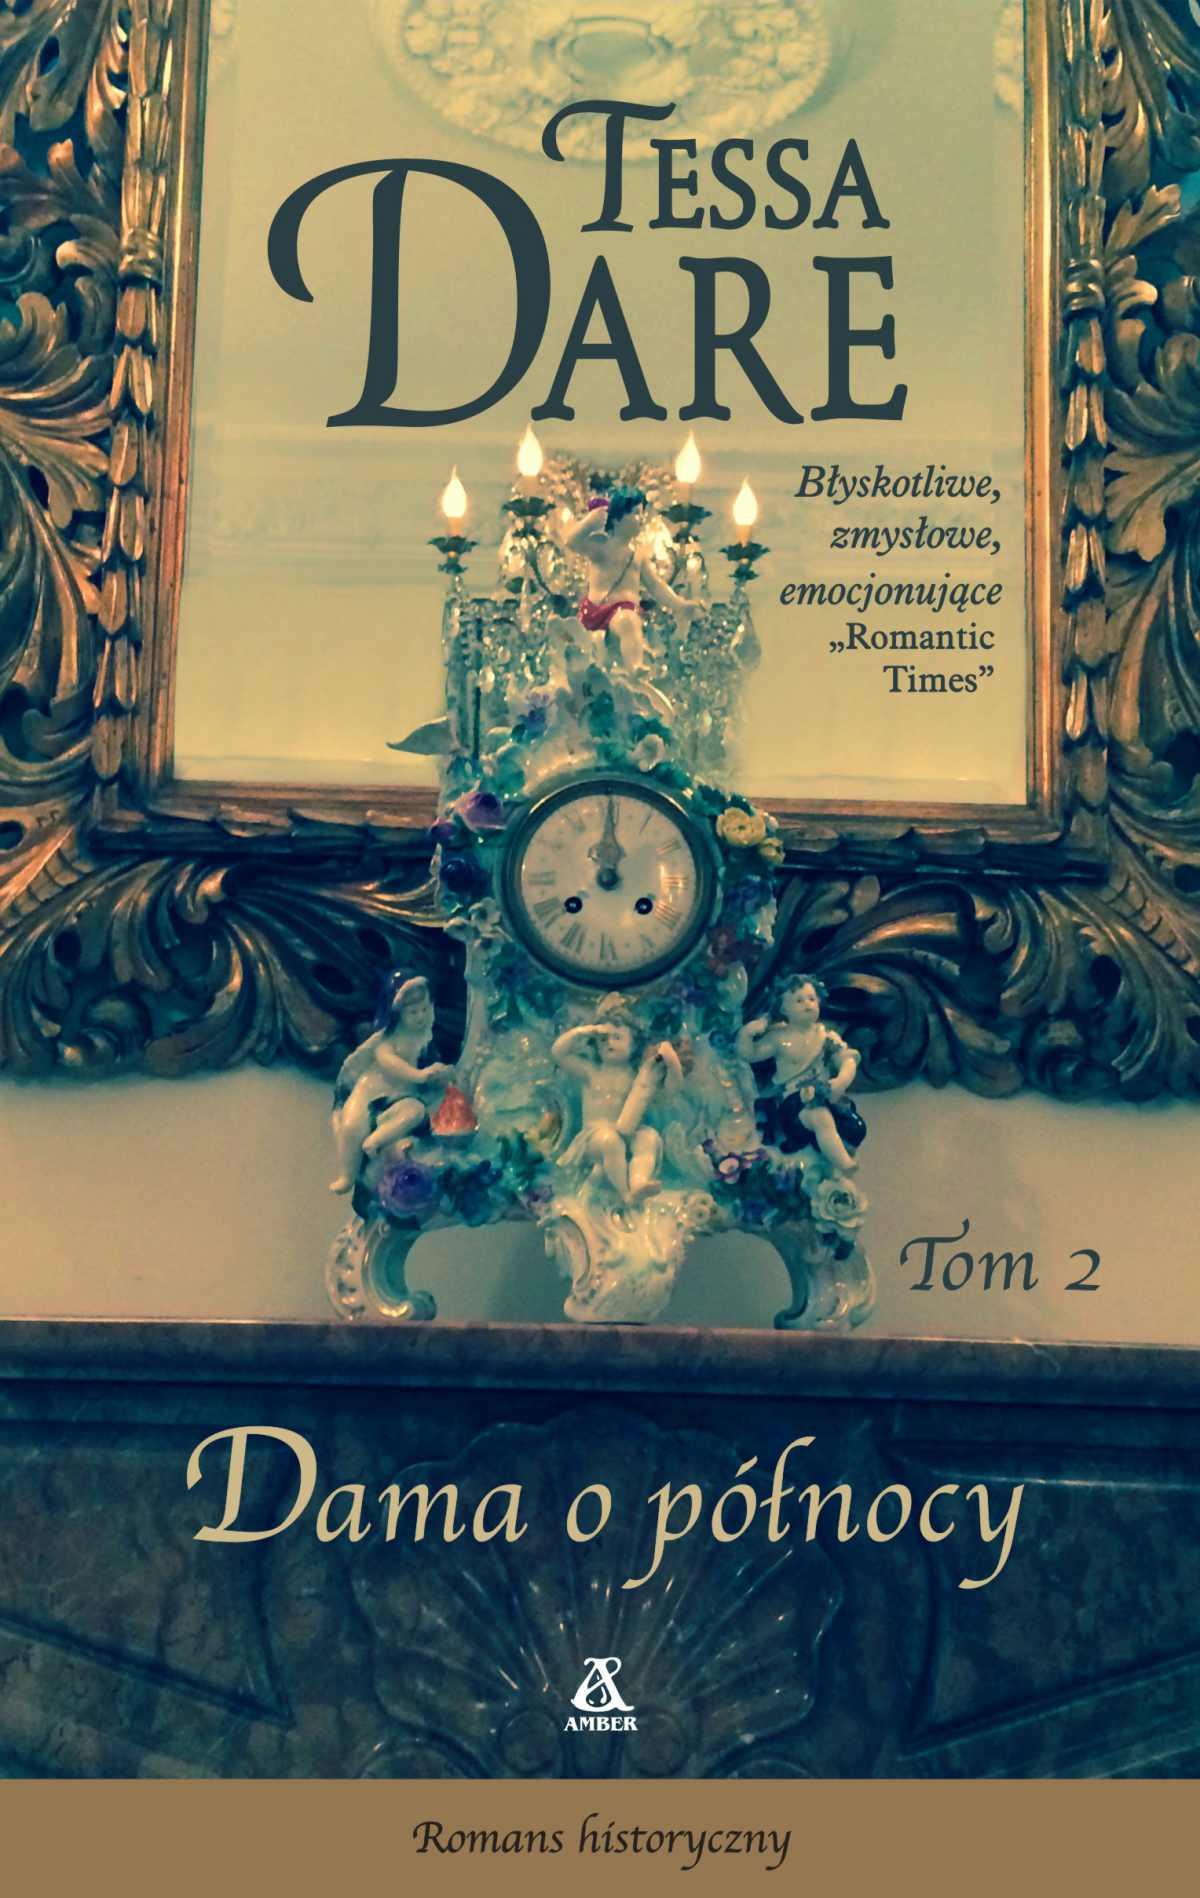 Dama o północy. Tom 2 - Ebook (Książka na Kindle) do pobrania w formacie MOBI